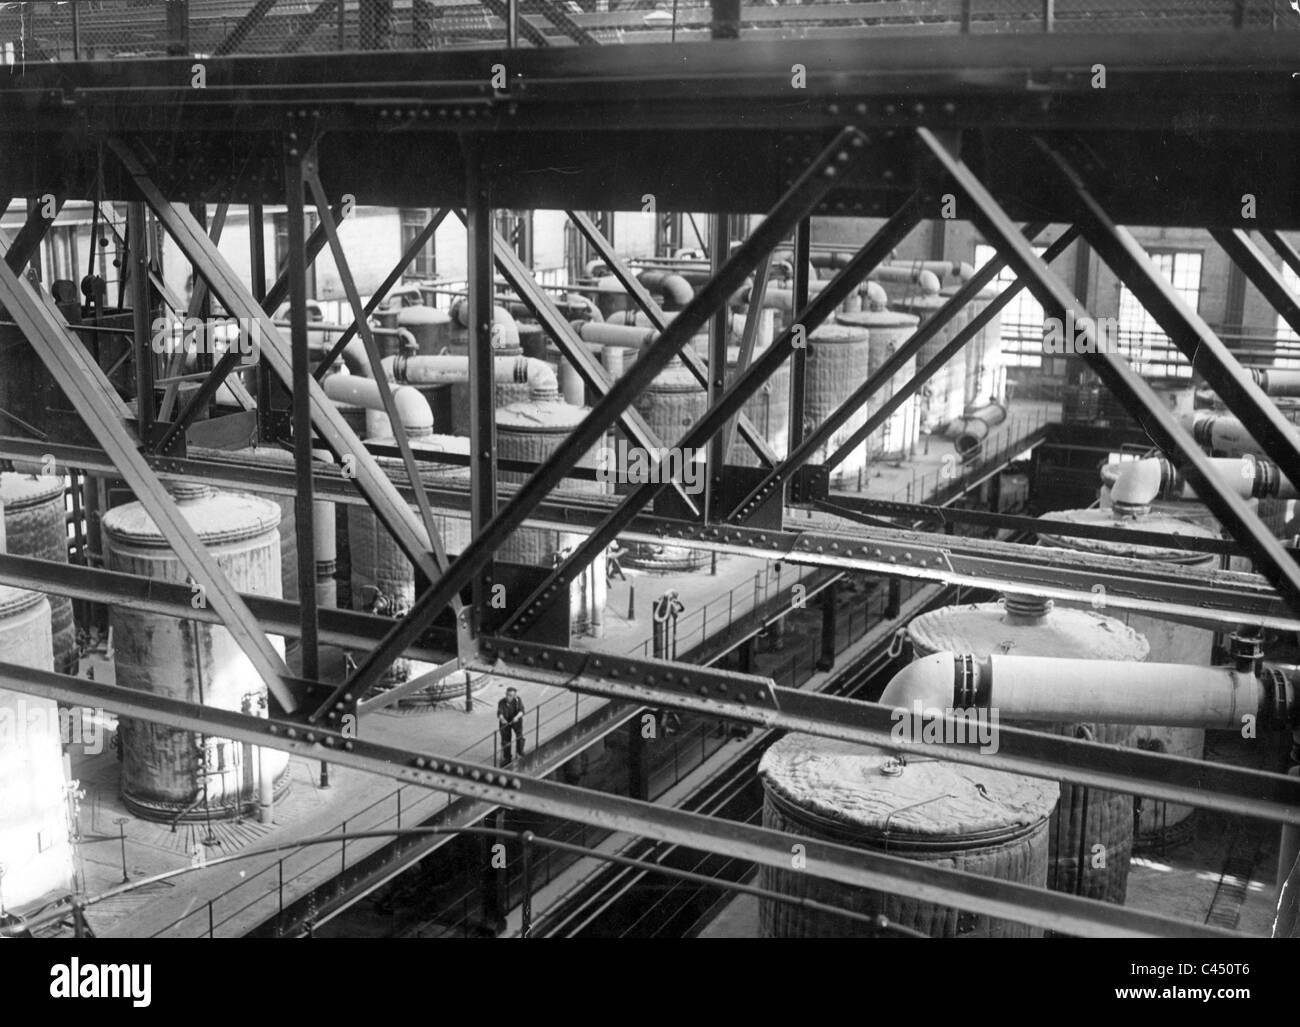 Leuna factory, 1934 - Stock Image